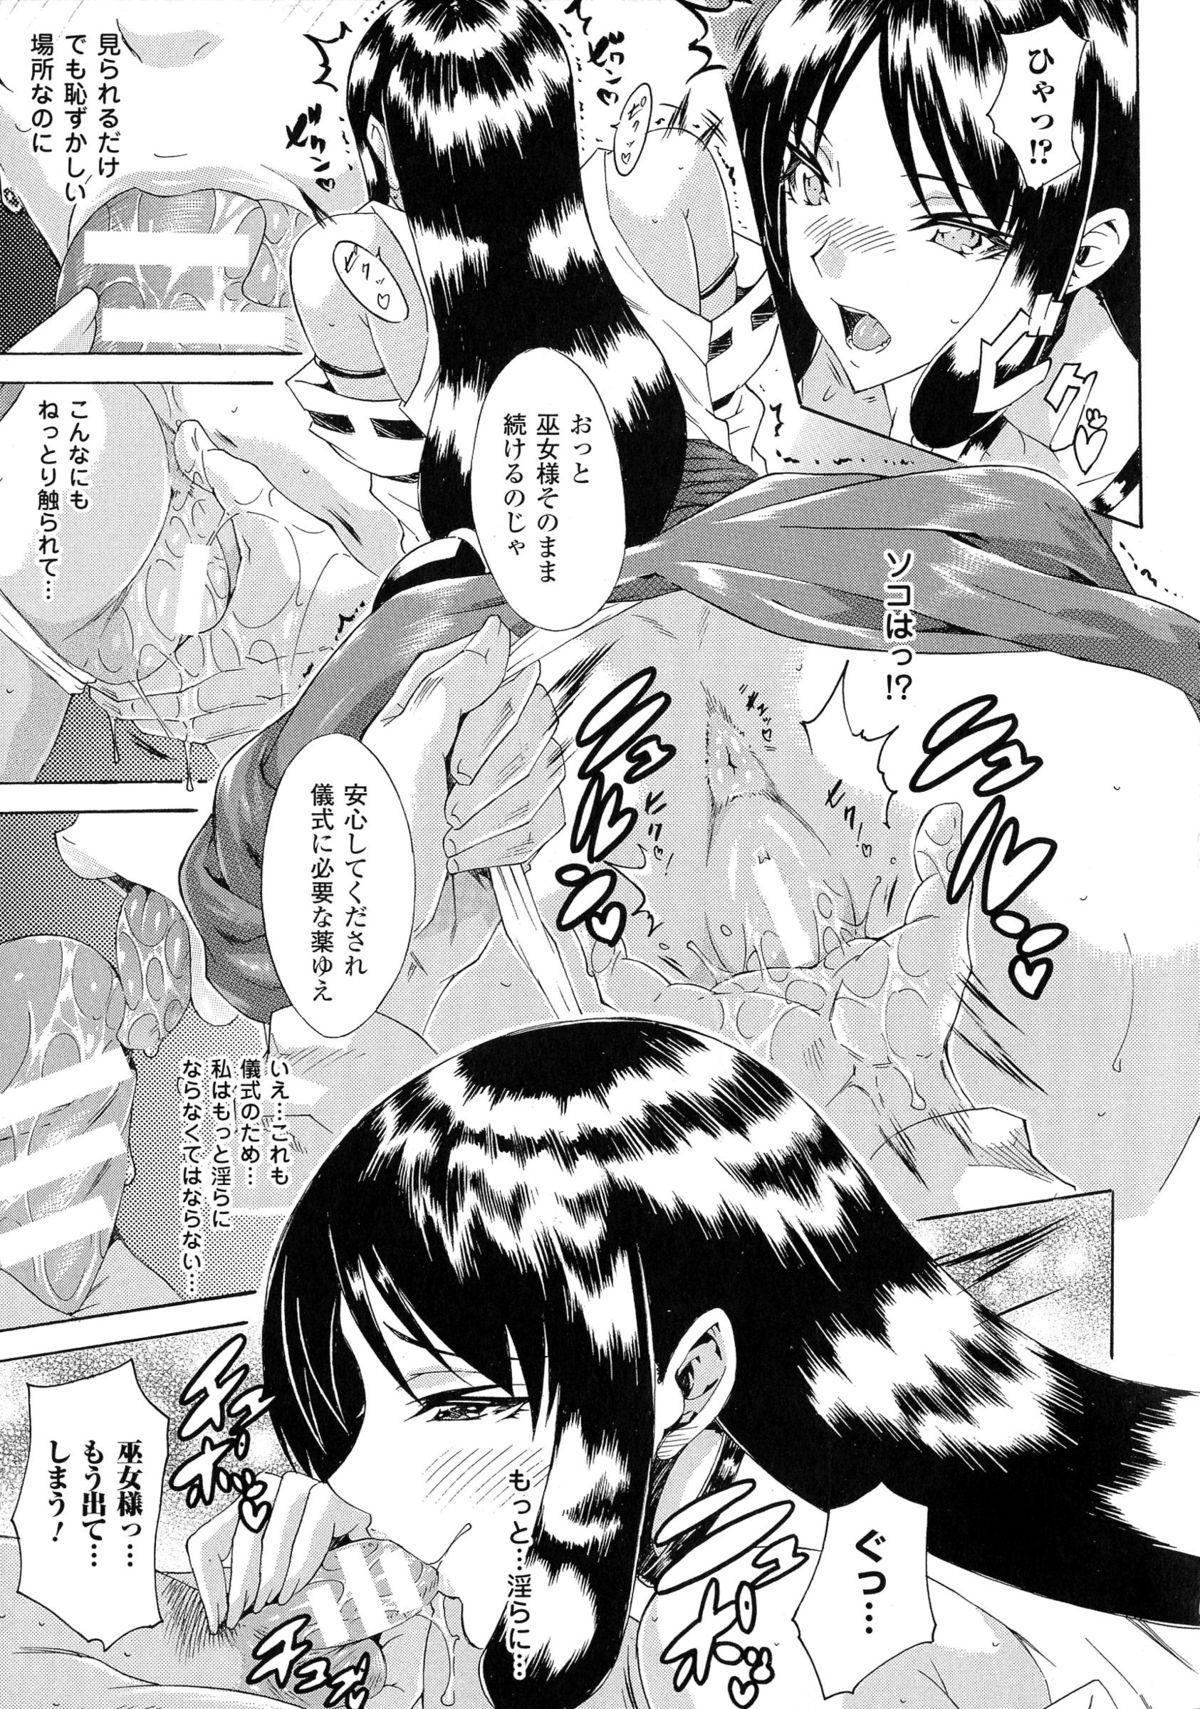 Kachiki na Onna ga Buzama na Ahegao o Sarasu made 128